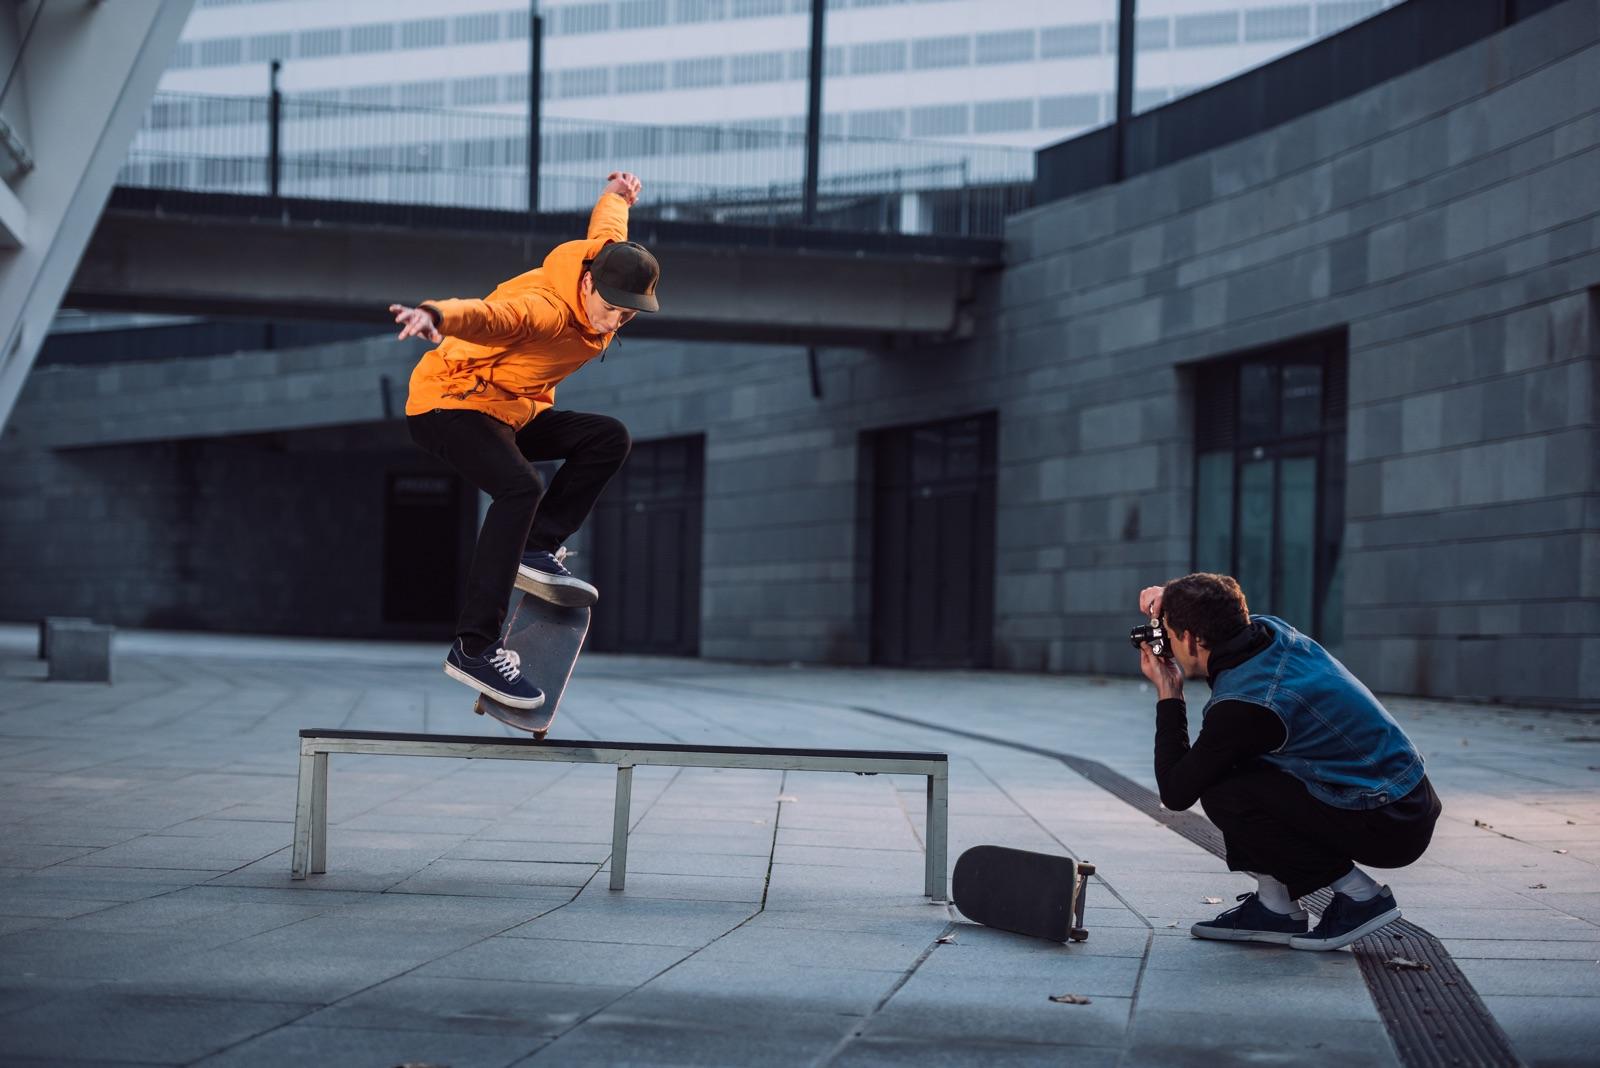 foto van een fotograaf die een skater fotografeert die met zijn plank op een bankje balanceert